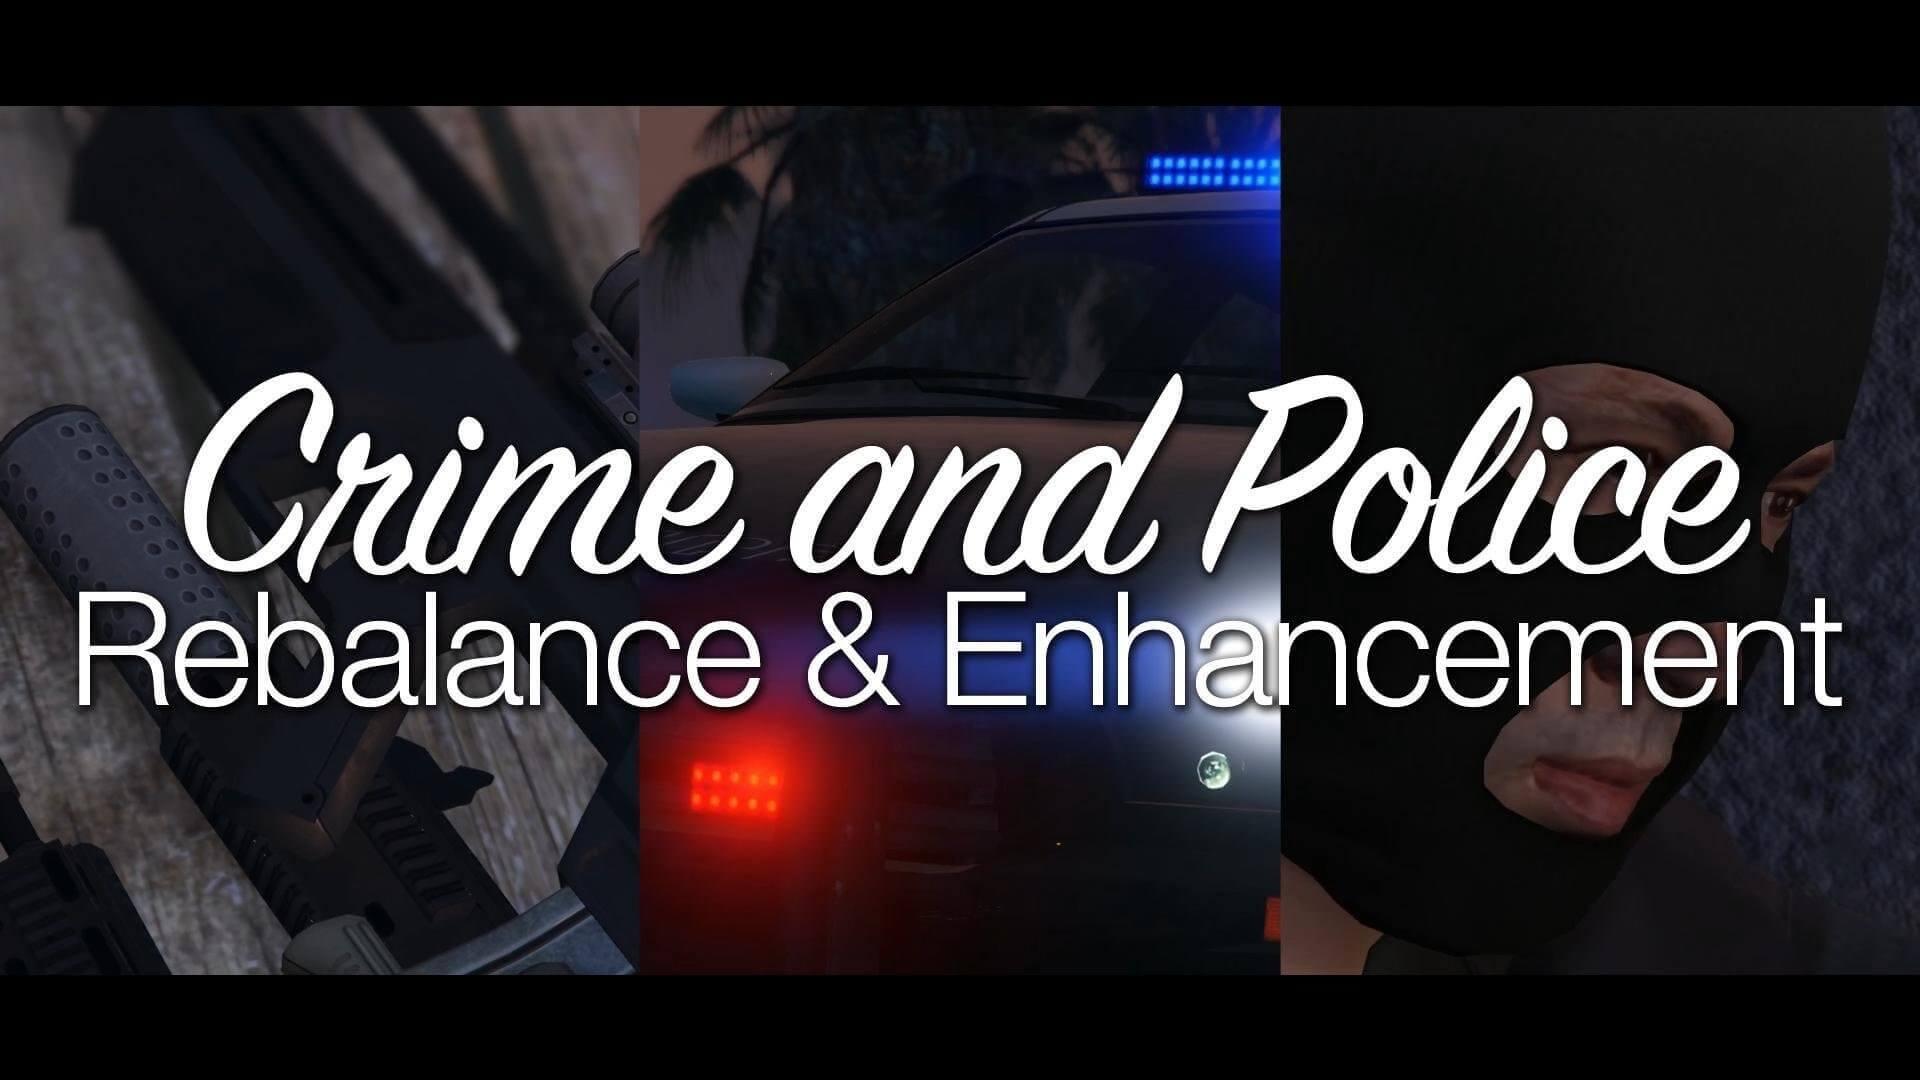 理不尽な手配システムを刷新するMod『Crime and Police Rebalance & Enhancement』。